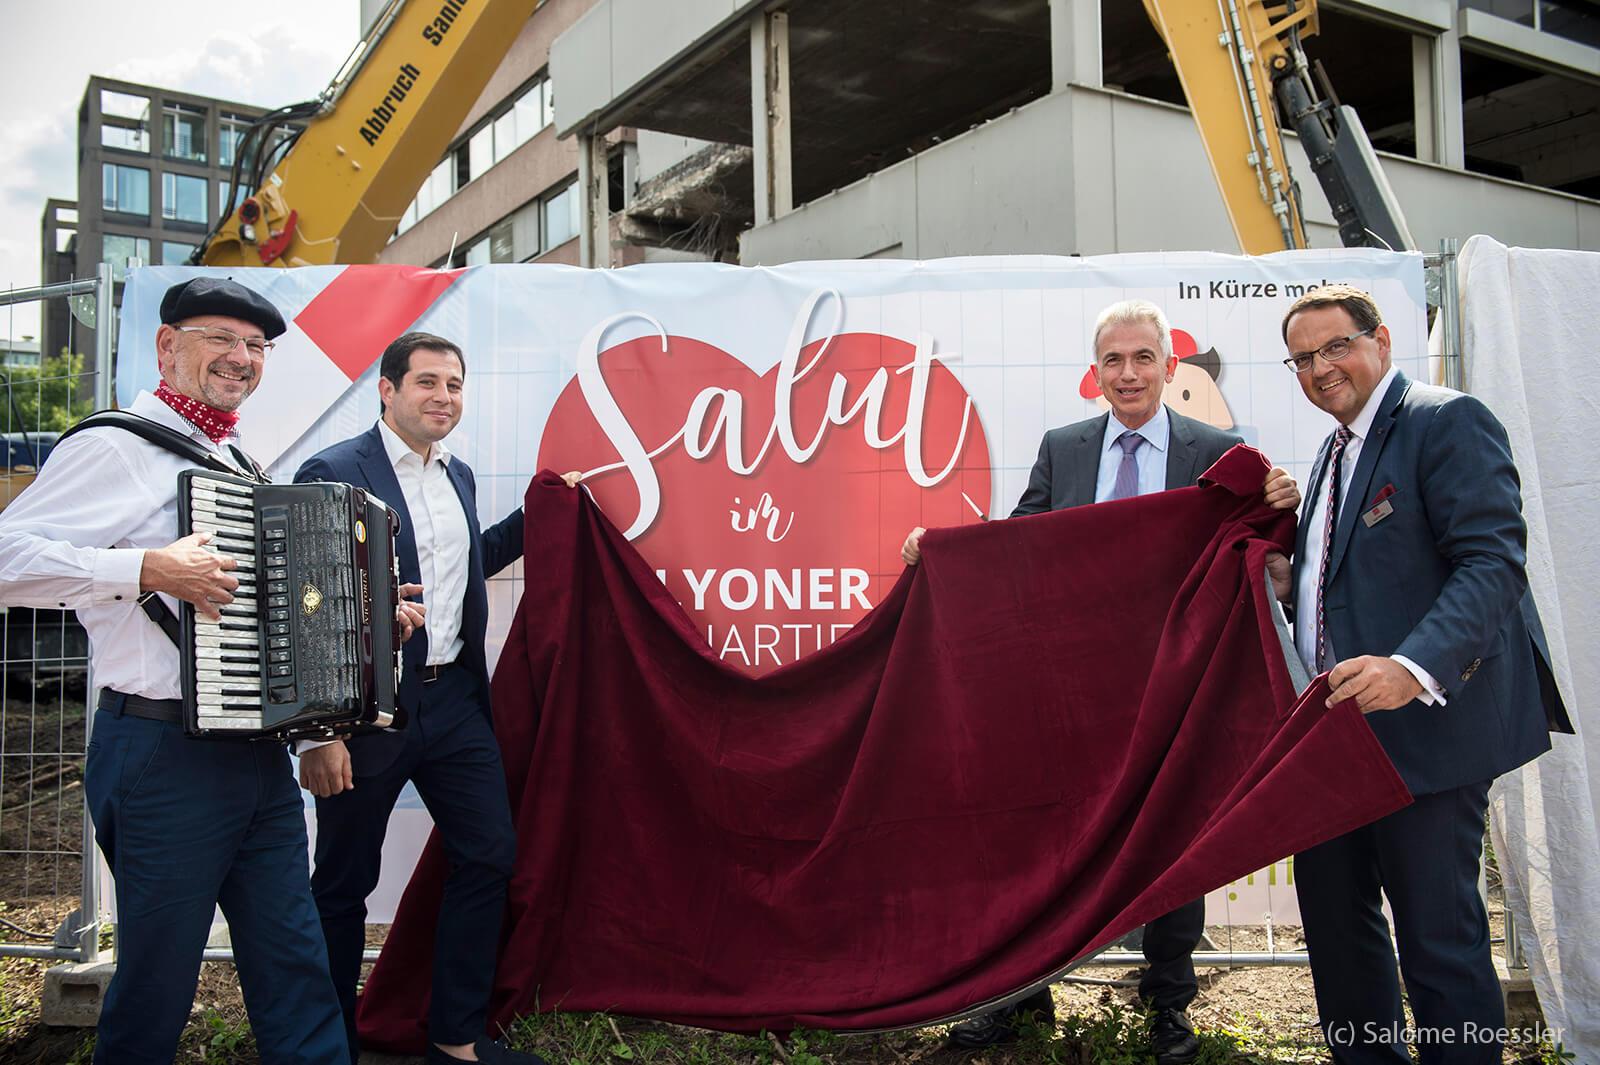 Oberbürgermeister Peter Feldmann (2.v.r.) bei seinem Besuch im Lyoner Quartier neben Catella-Geschäftsführer Klaus Franken (r) und dem SINN-Vorsitzenden David Roitmann (2.v.l.)